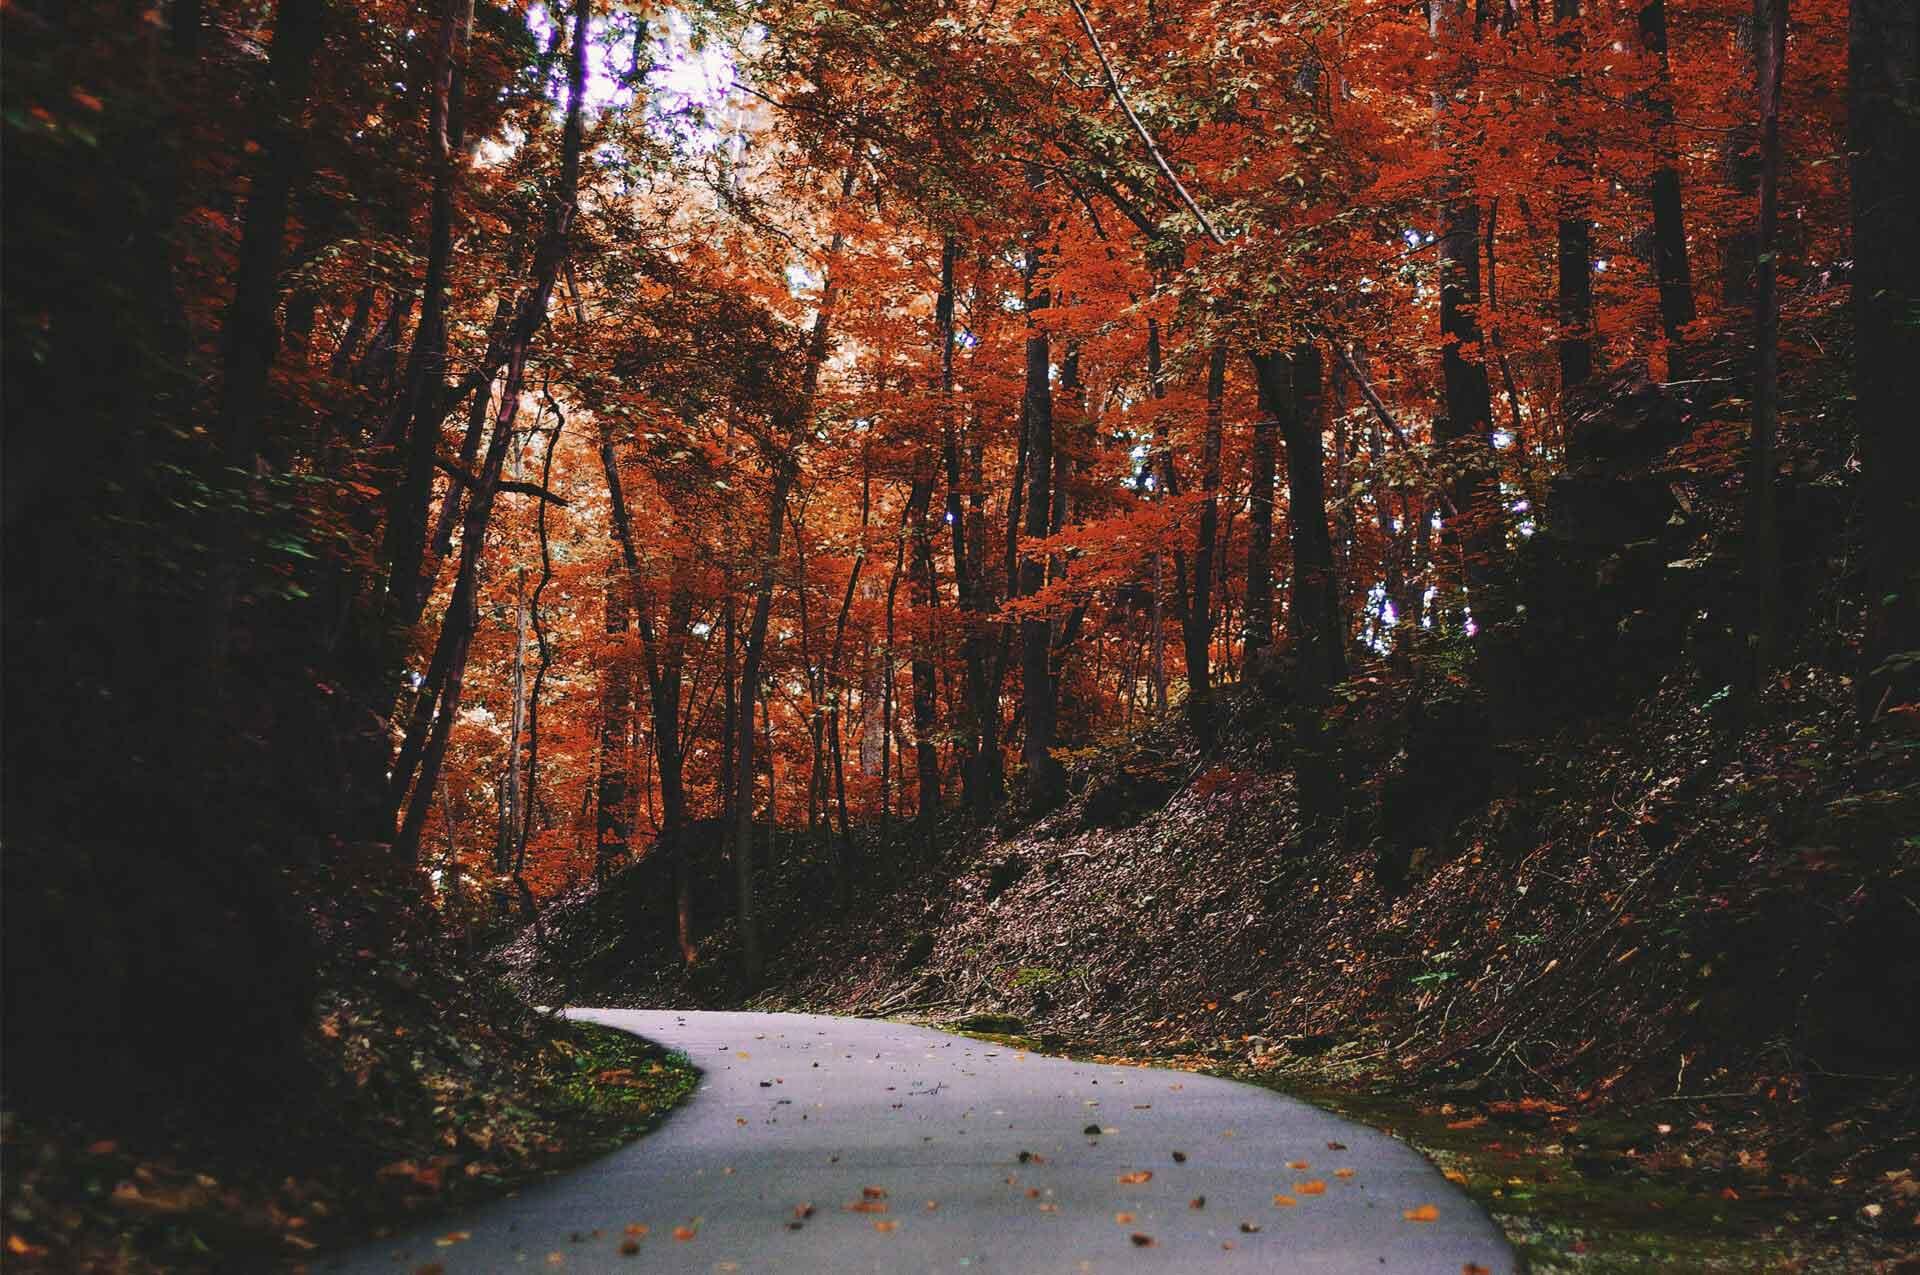 hardlopen in de herfst in de bossen met bladeren op de weg